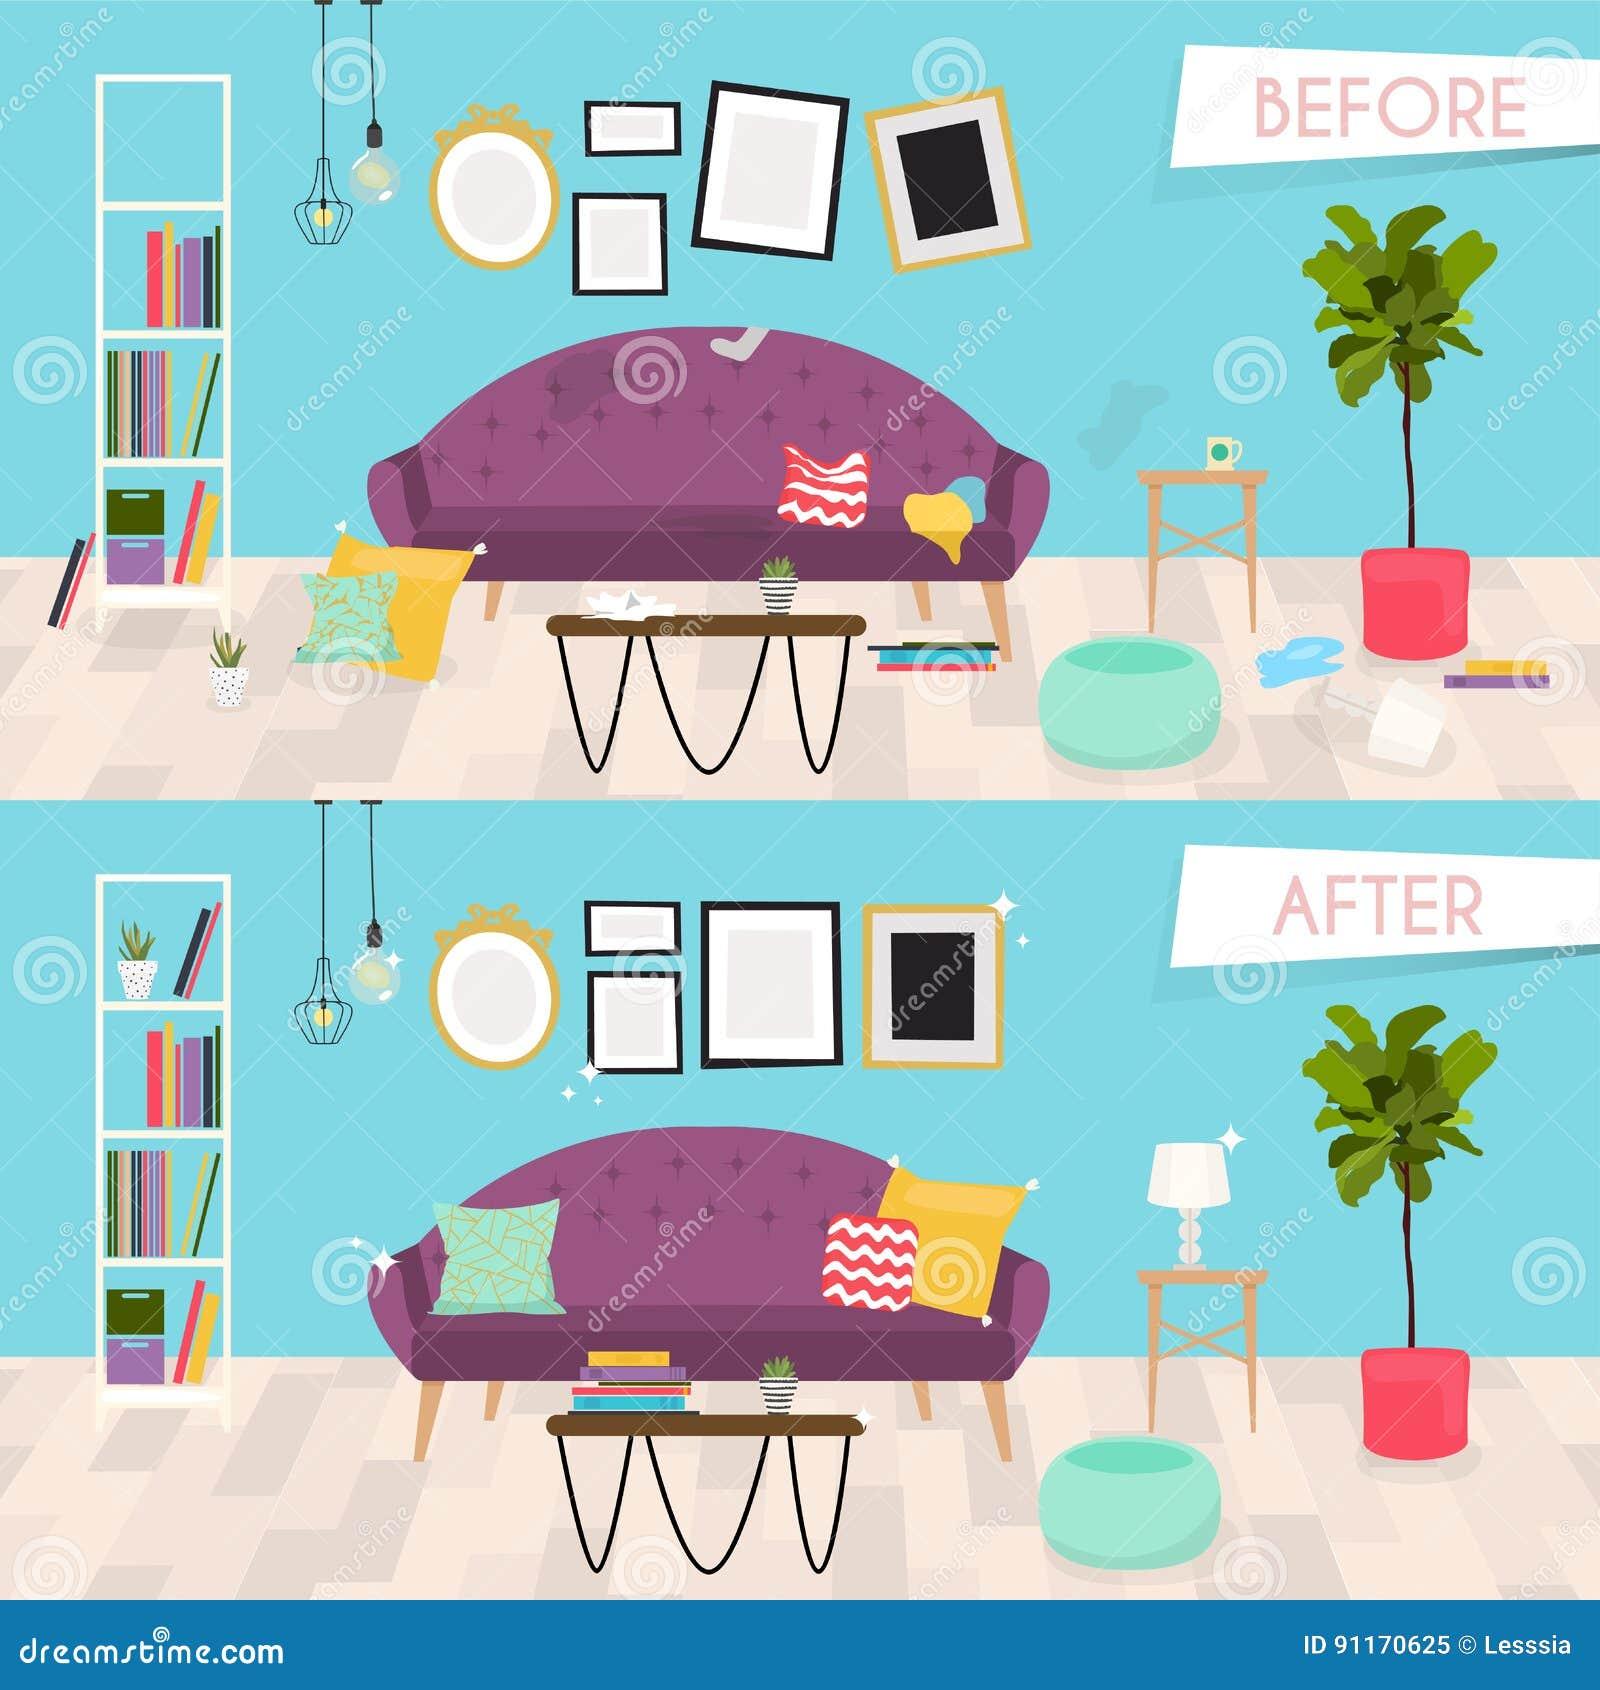 Meubles de salon avant et après le nettoyage intérieur à la maison r illustration de vecteur